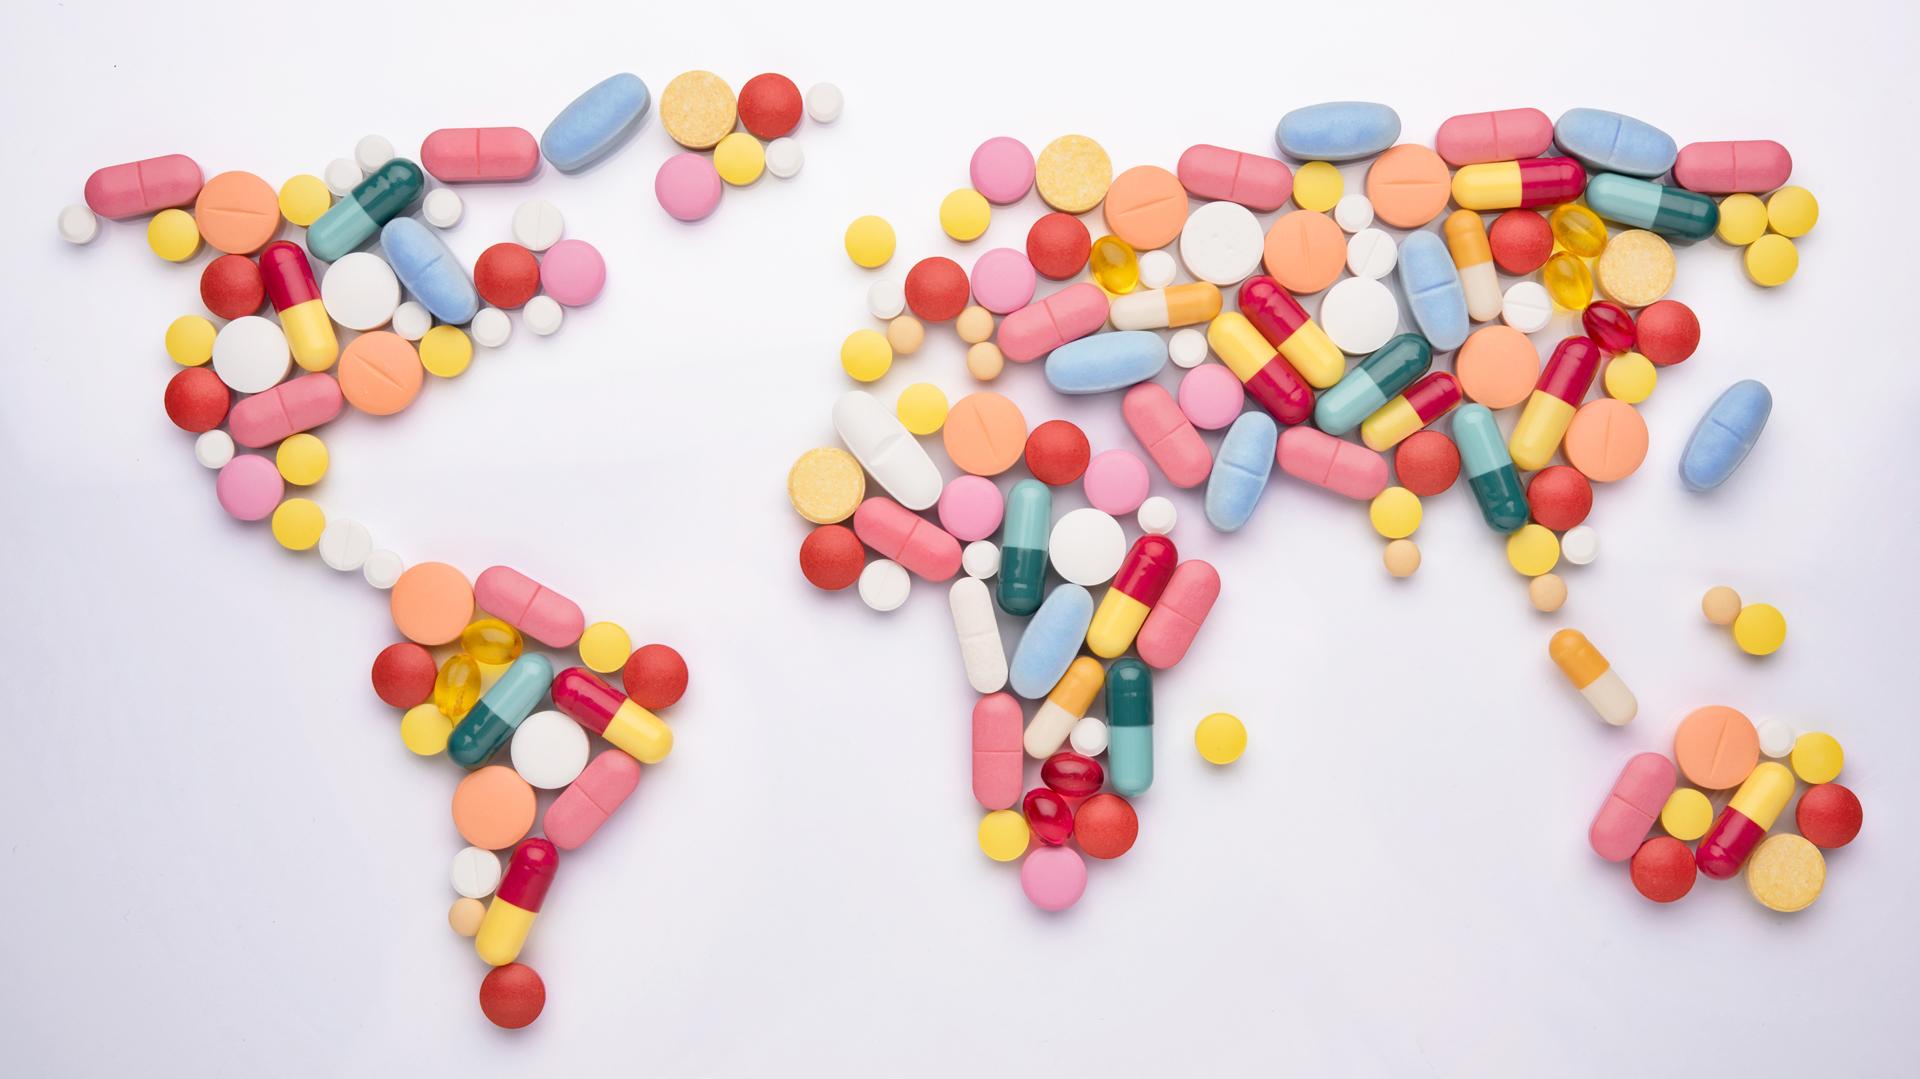 El mecanismo de compras consolidadas favorece el fortalecimiento de los actores públicos para negociar la adquisición de insumos de alto costo, lo cual genera ahorros que facilitan la ampliación de la cobertura y la compra de medicamentos de difícil adquisición (iStock)